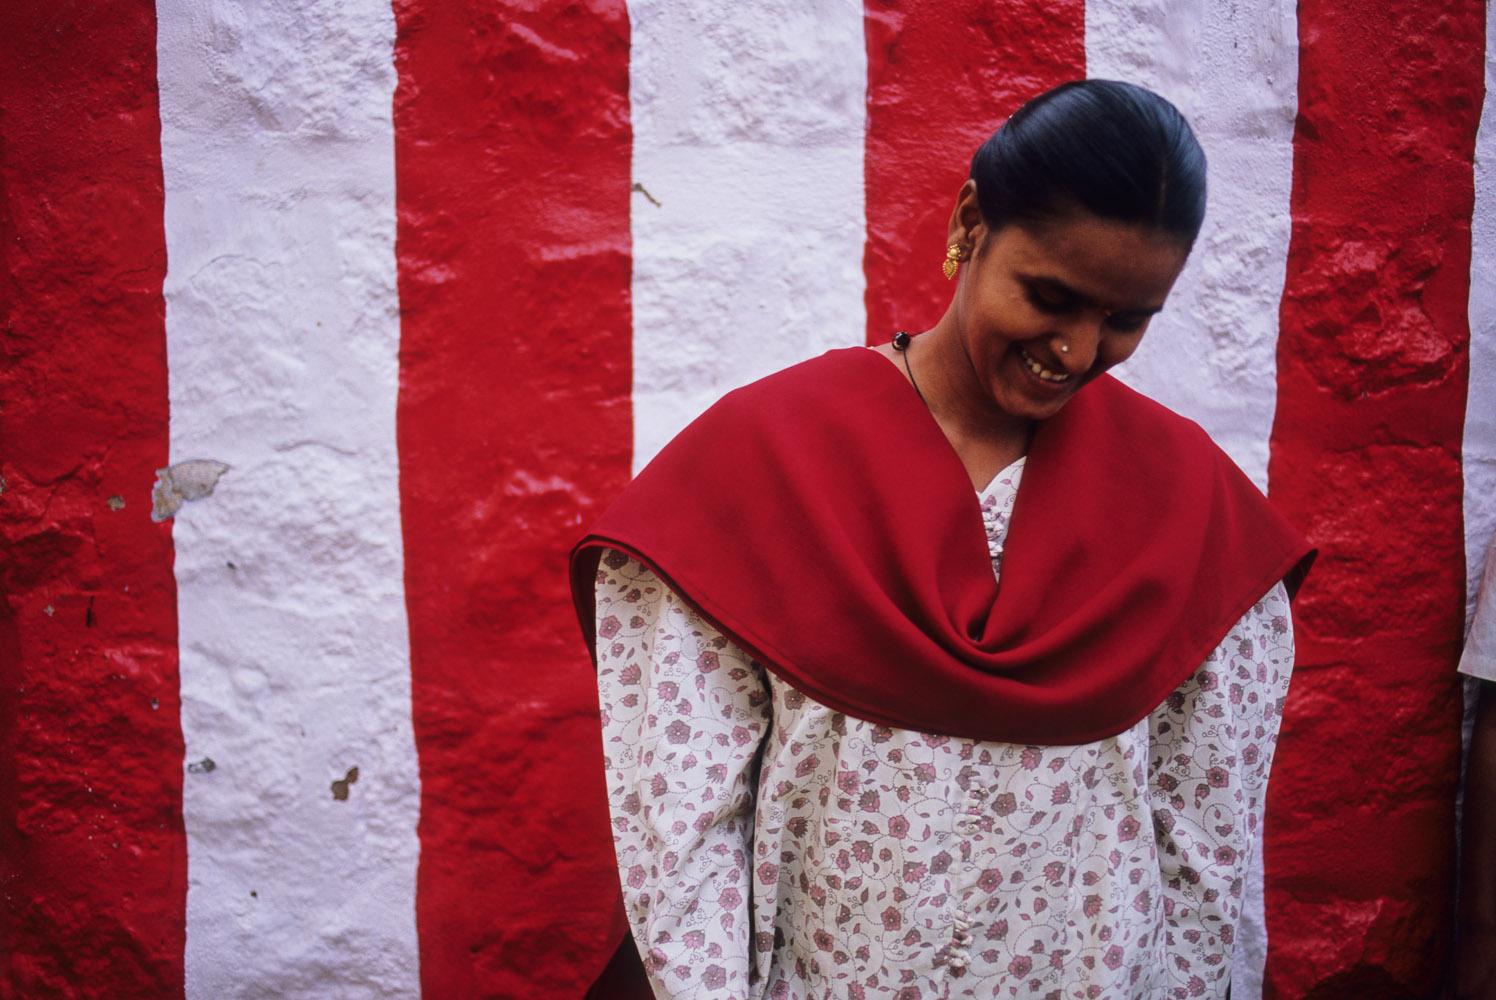 redwoman